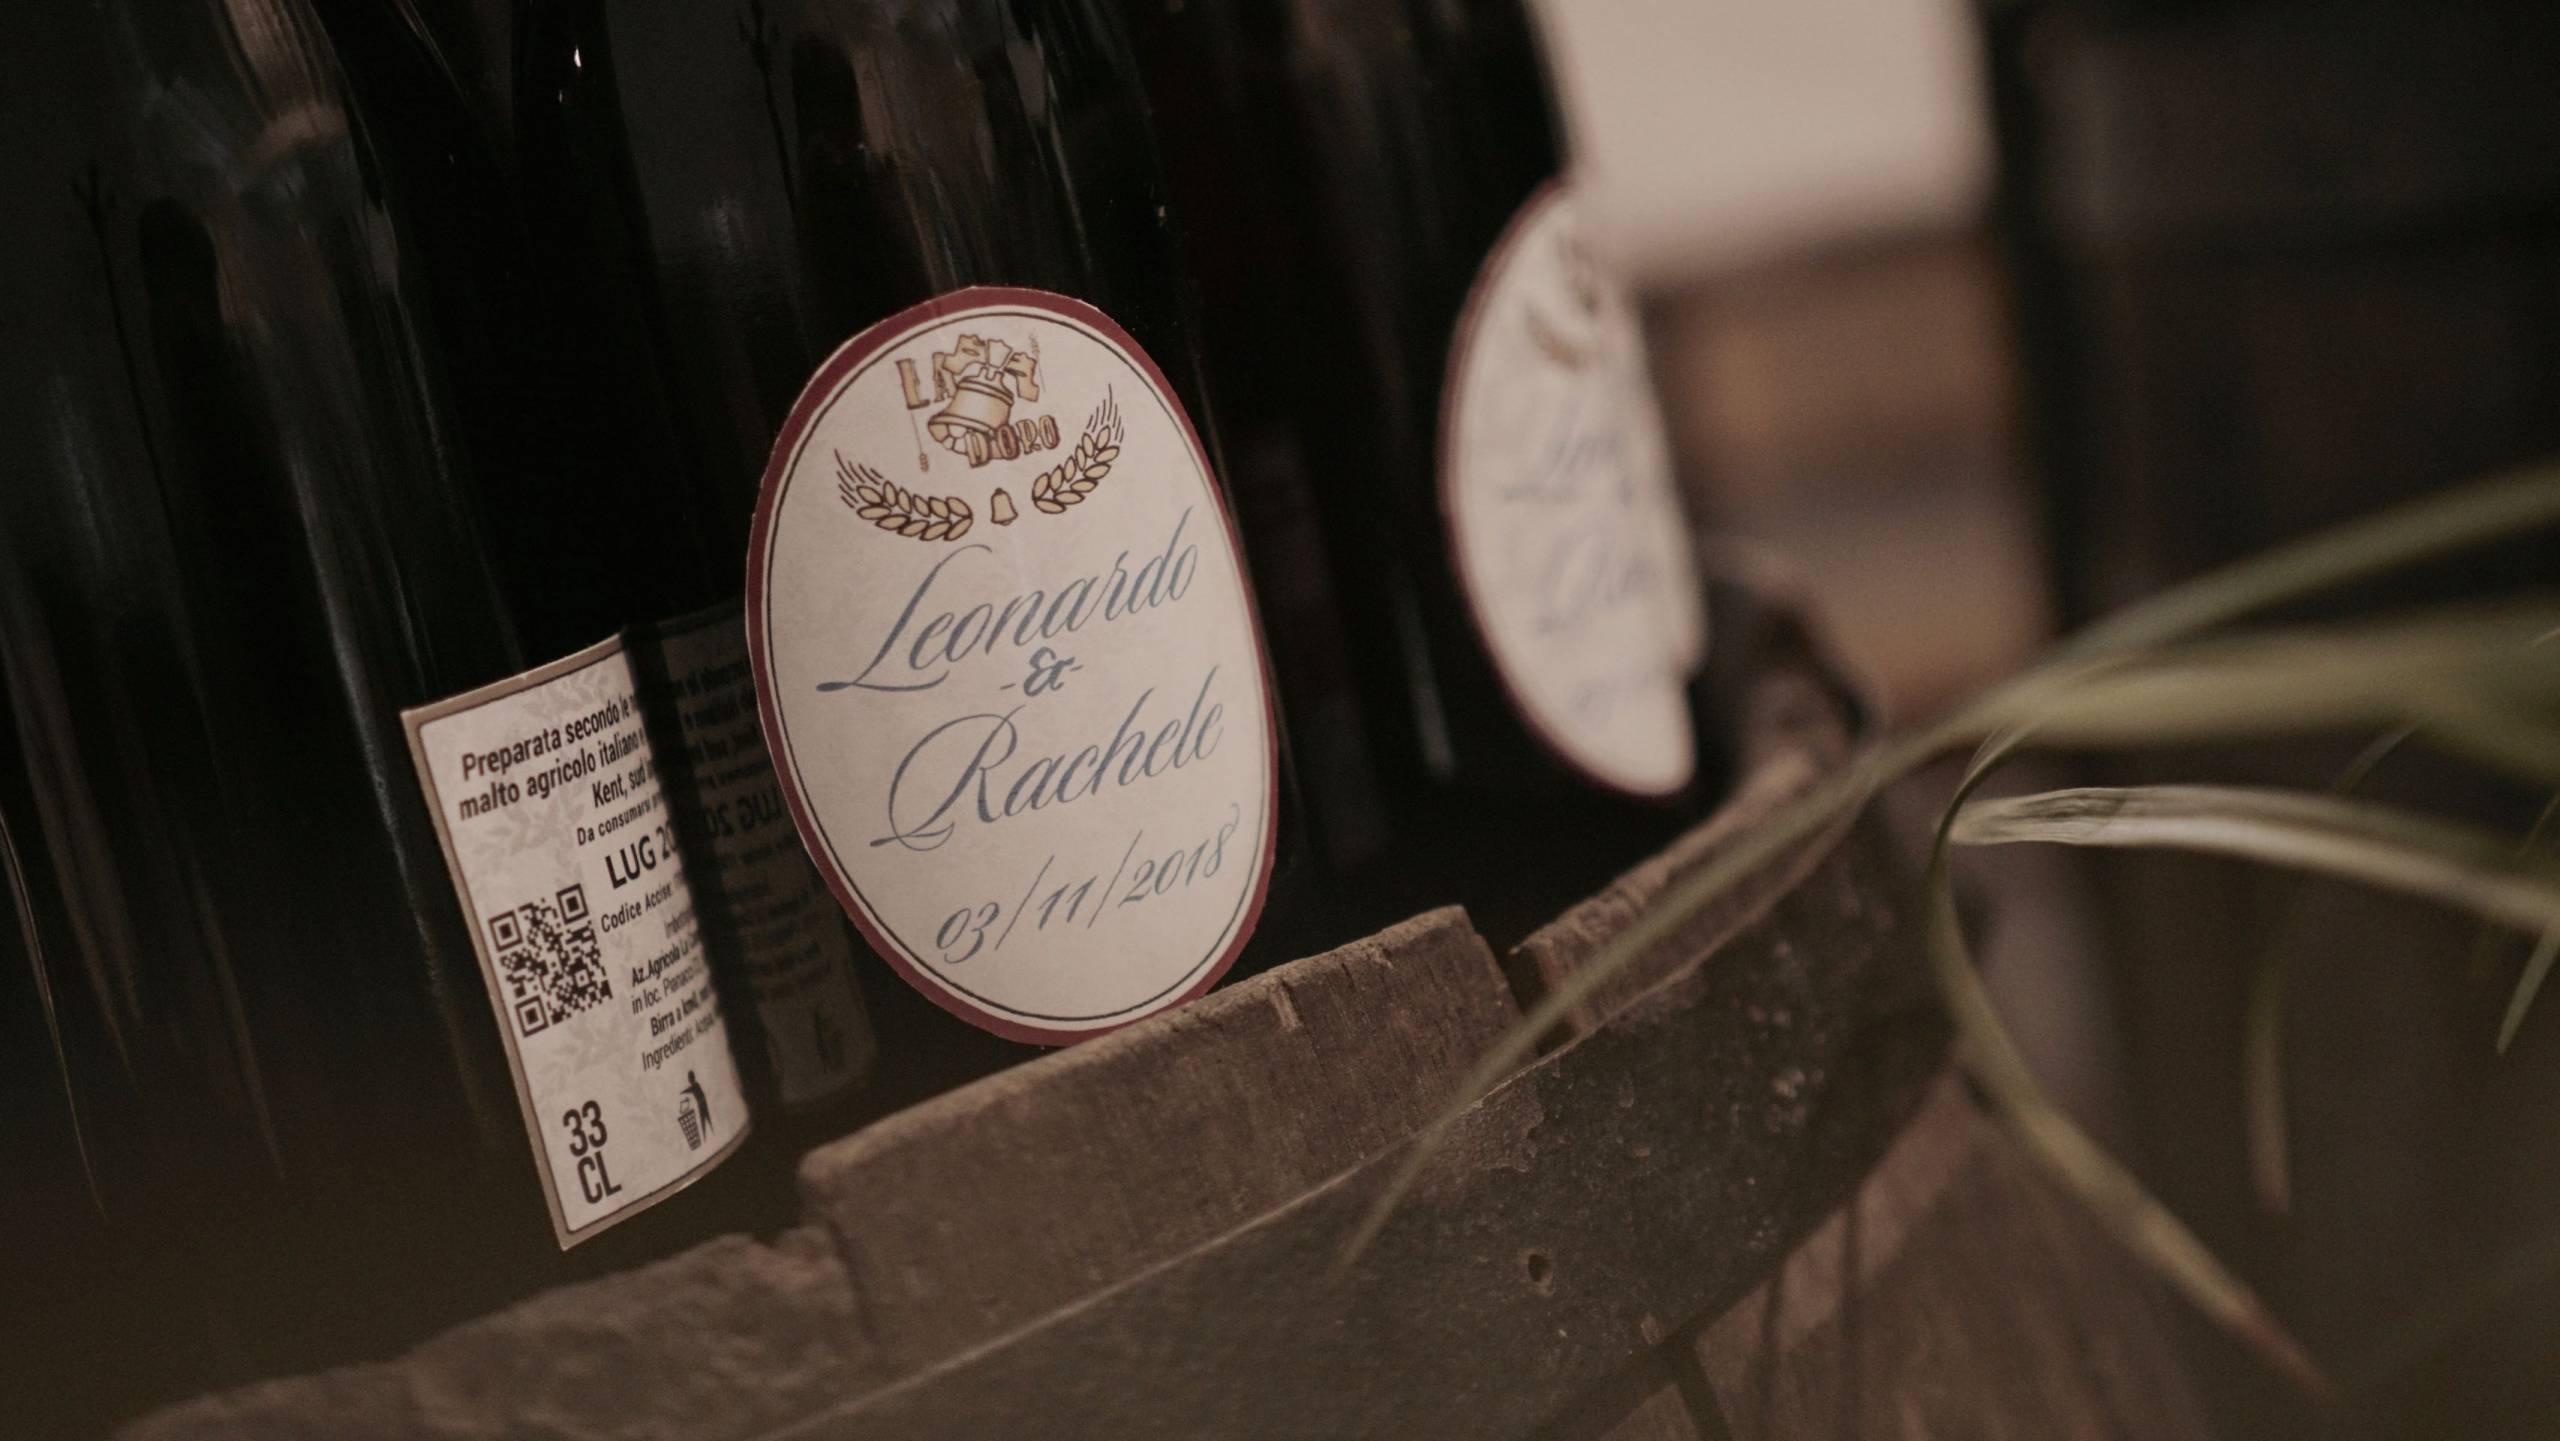 foto di una bottiglia con un'etichetta personalizzata